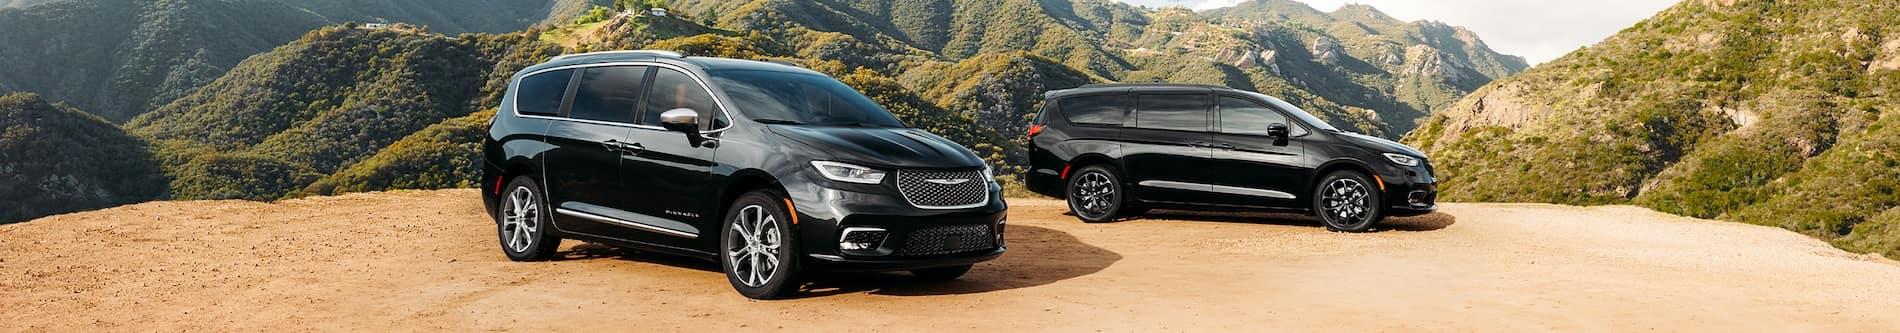 Chrysler Pacifica Black